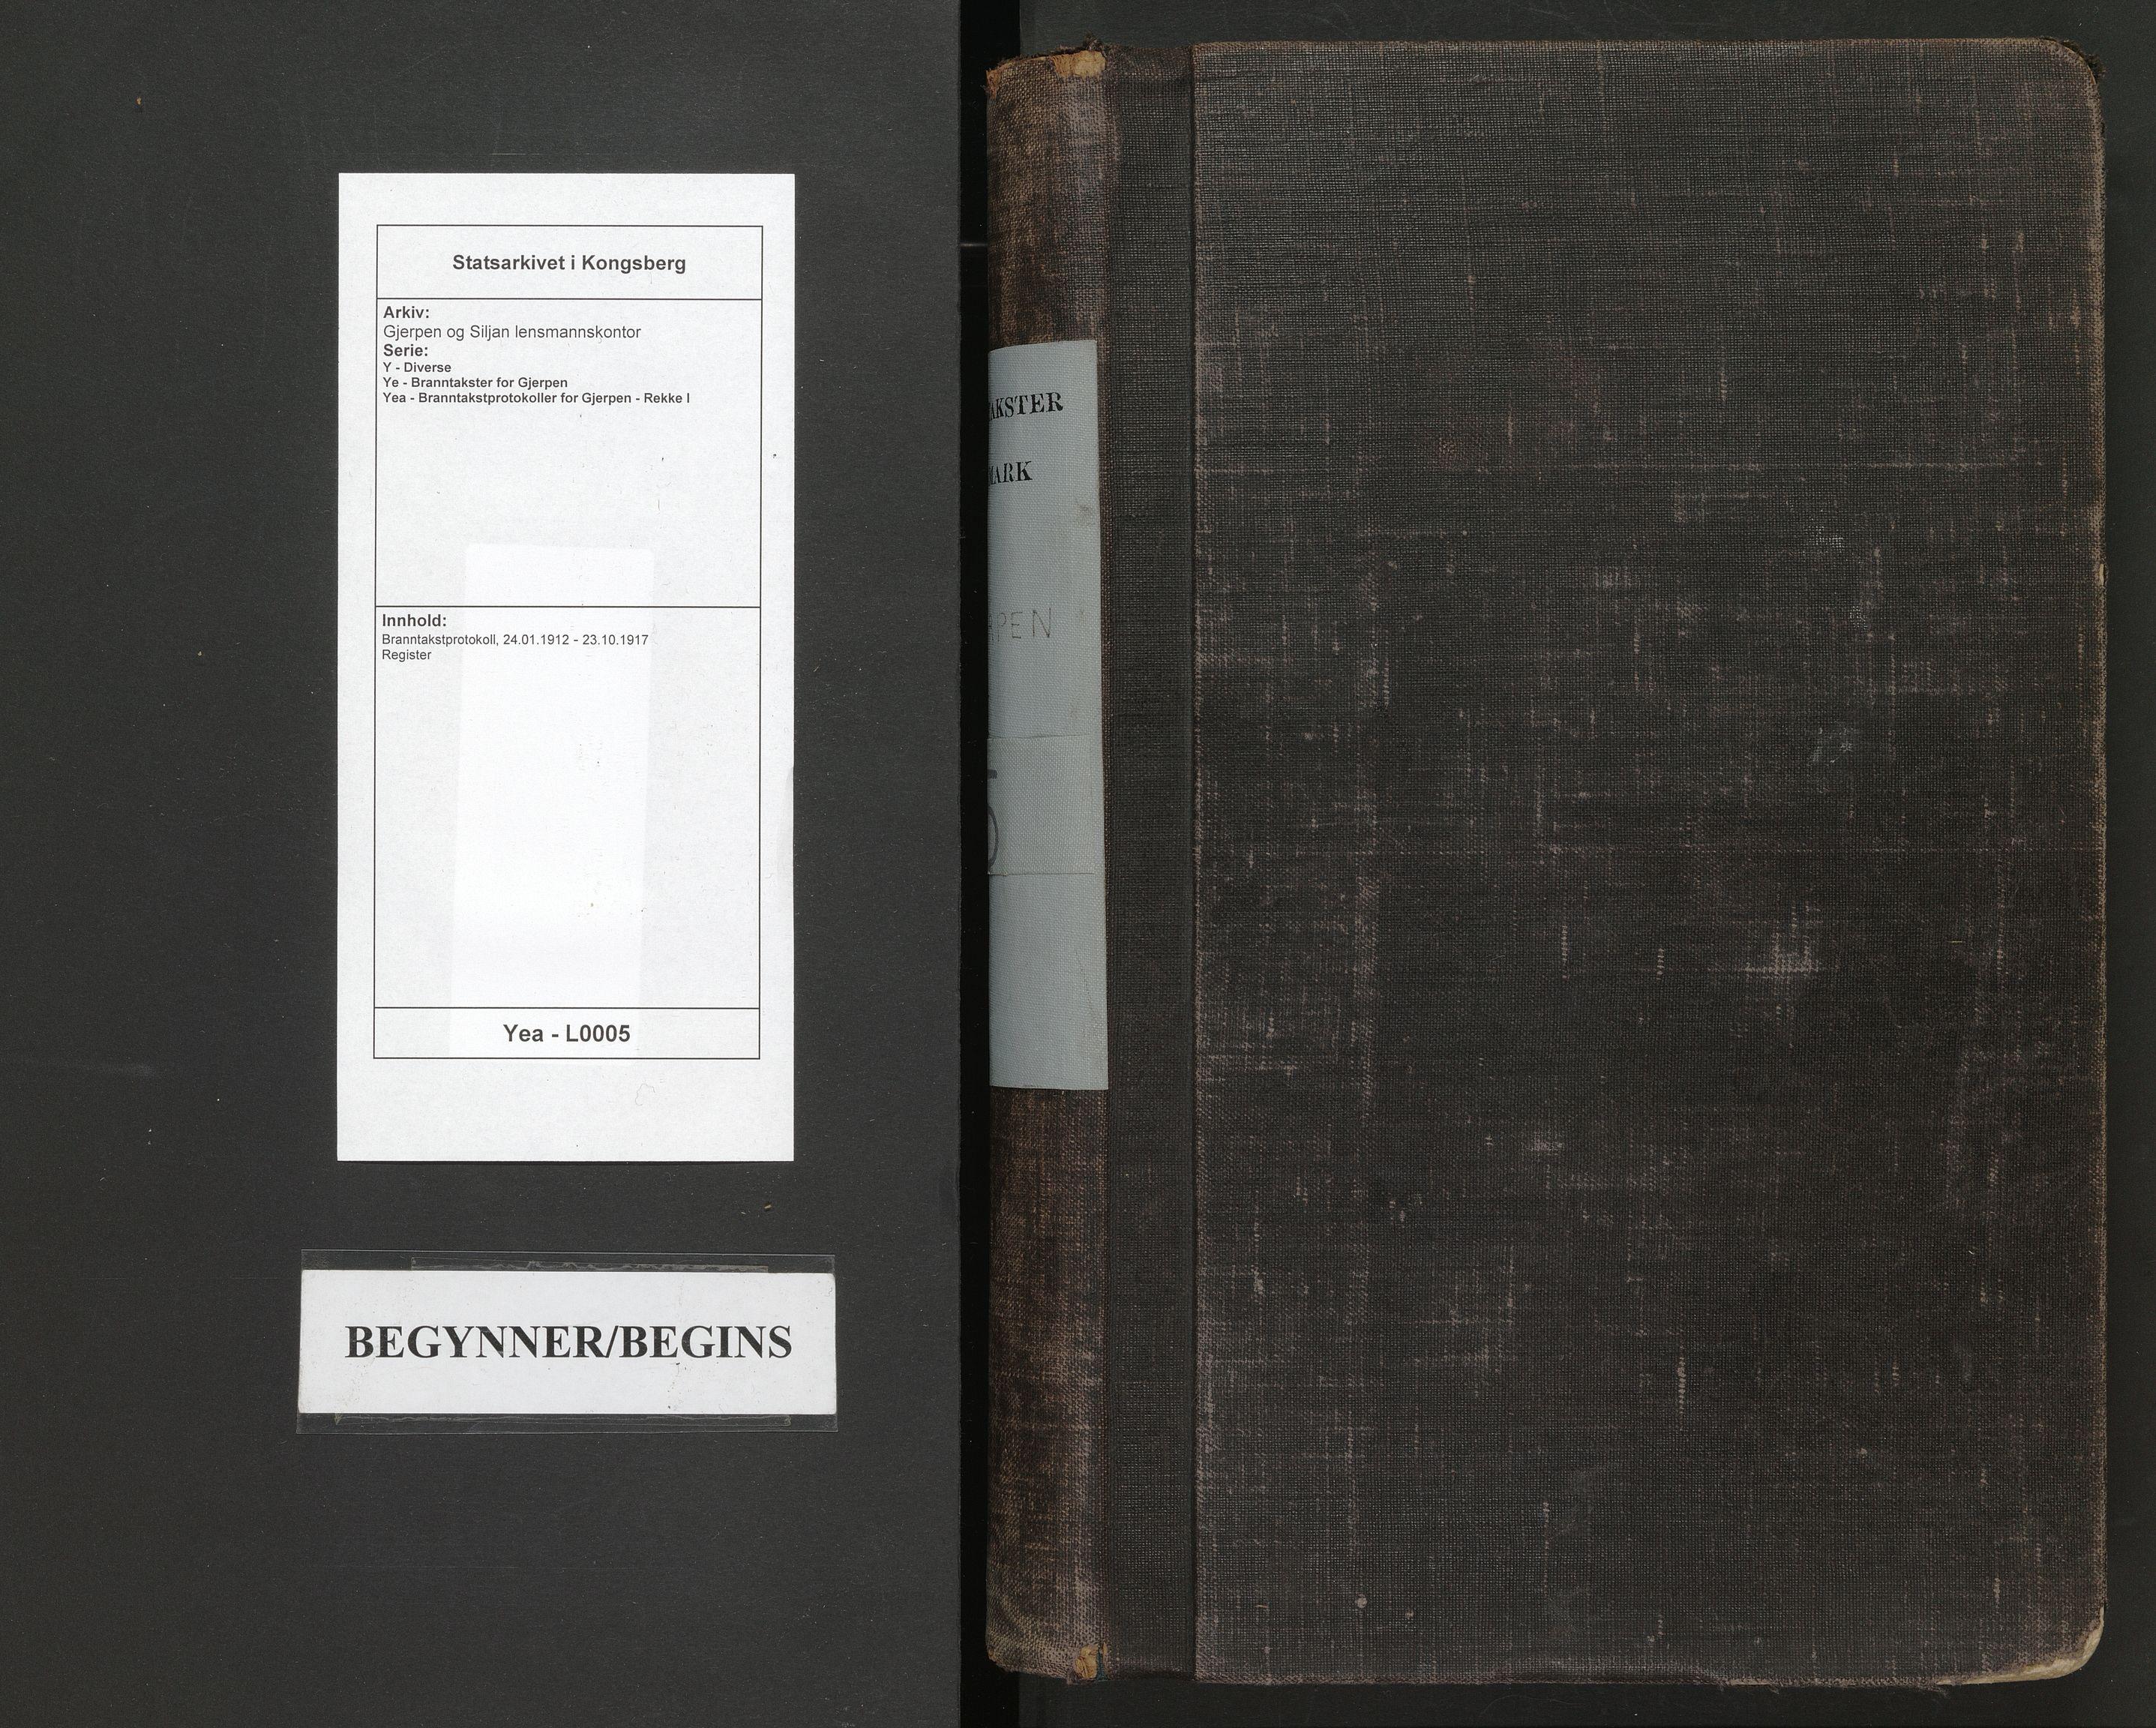 SAKO, Gjerpen og Siljan lensmannskontor, Y/Ye/Yea/L0005: Branntakstprotokoll, 1912-1917